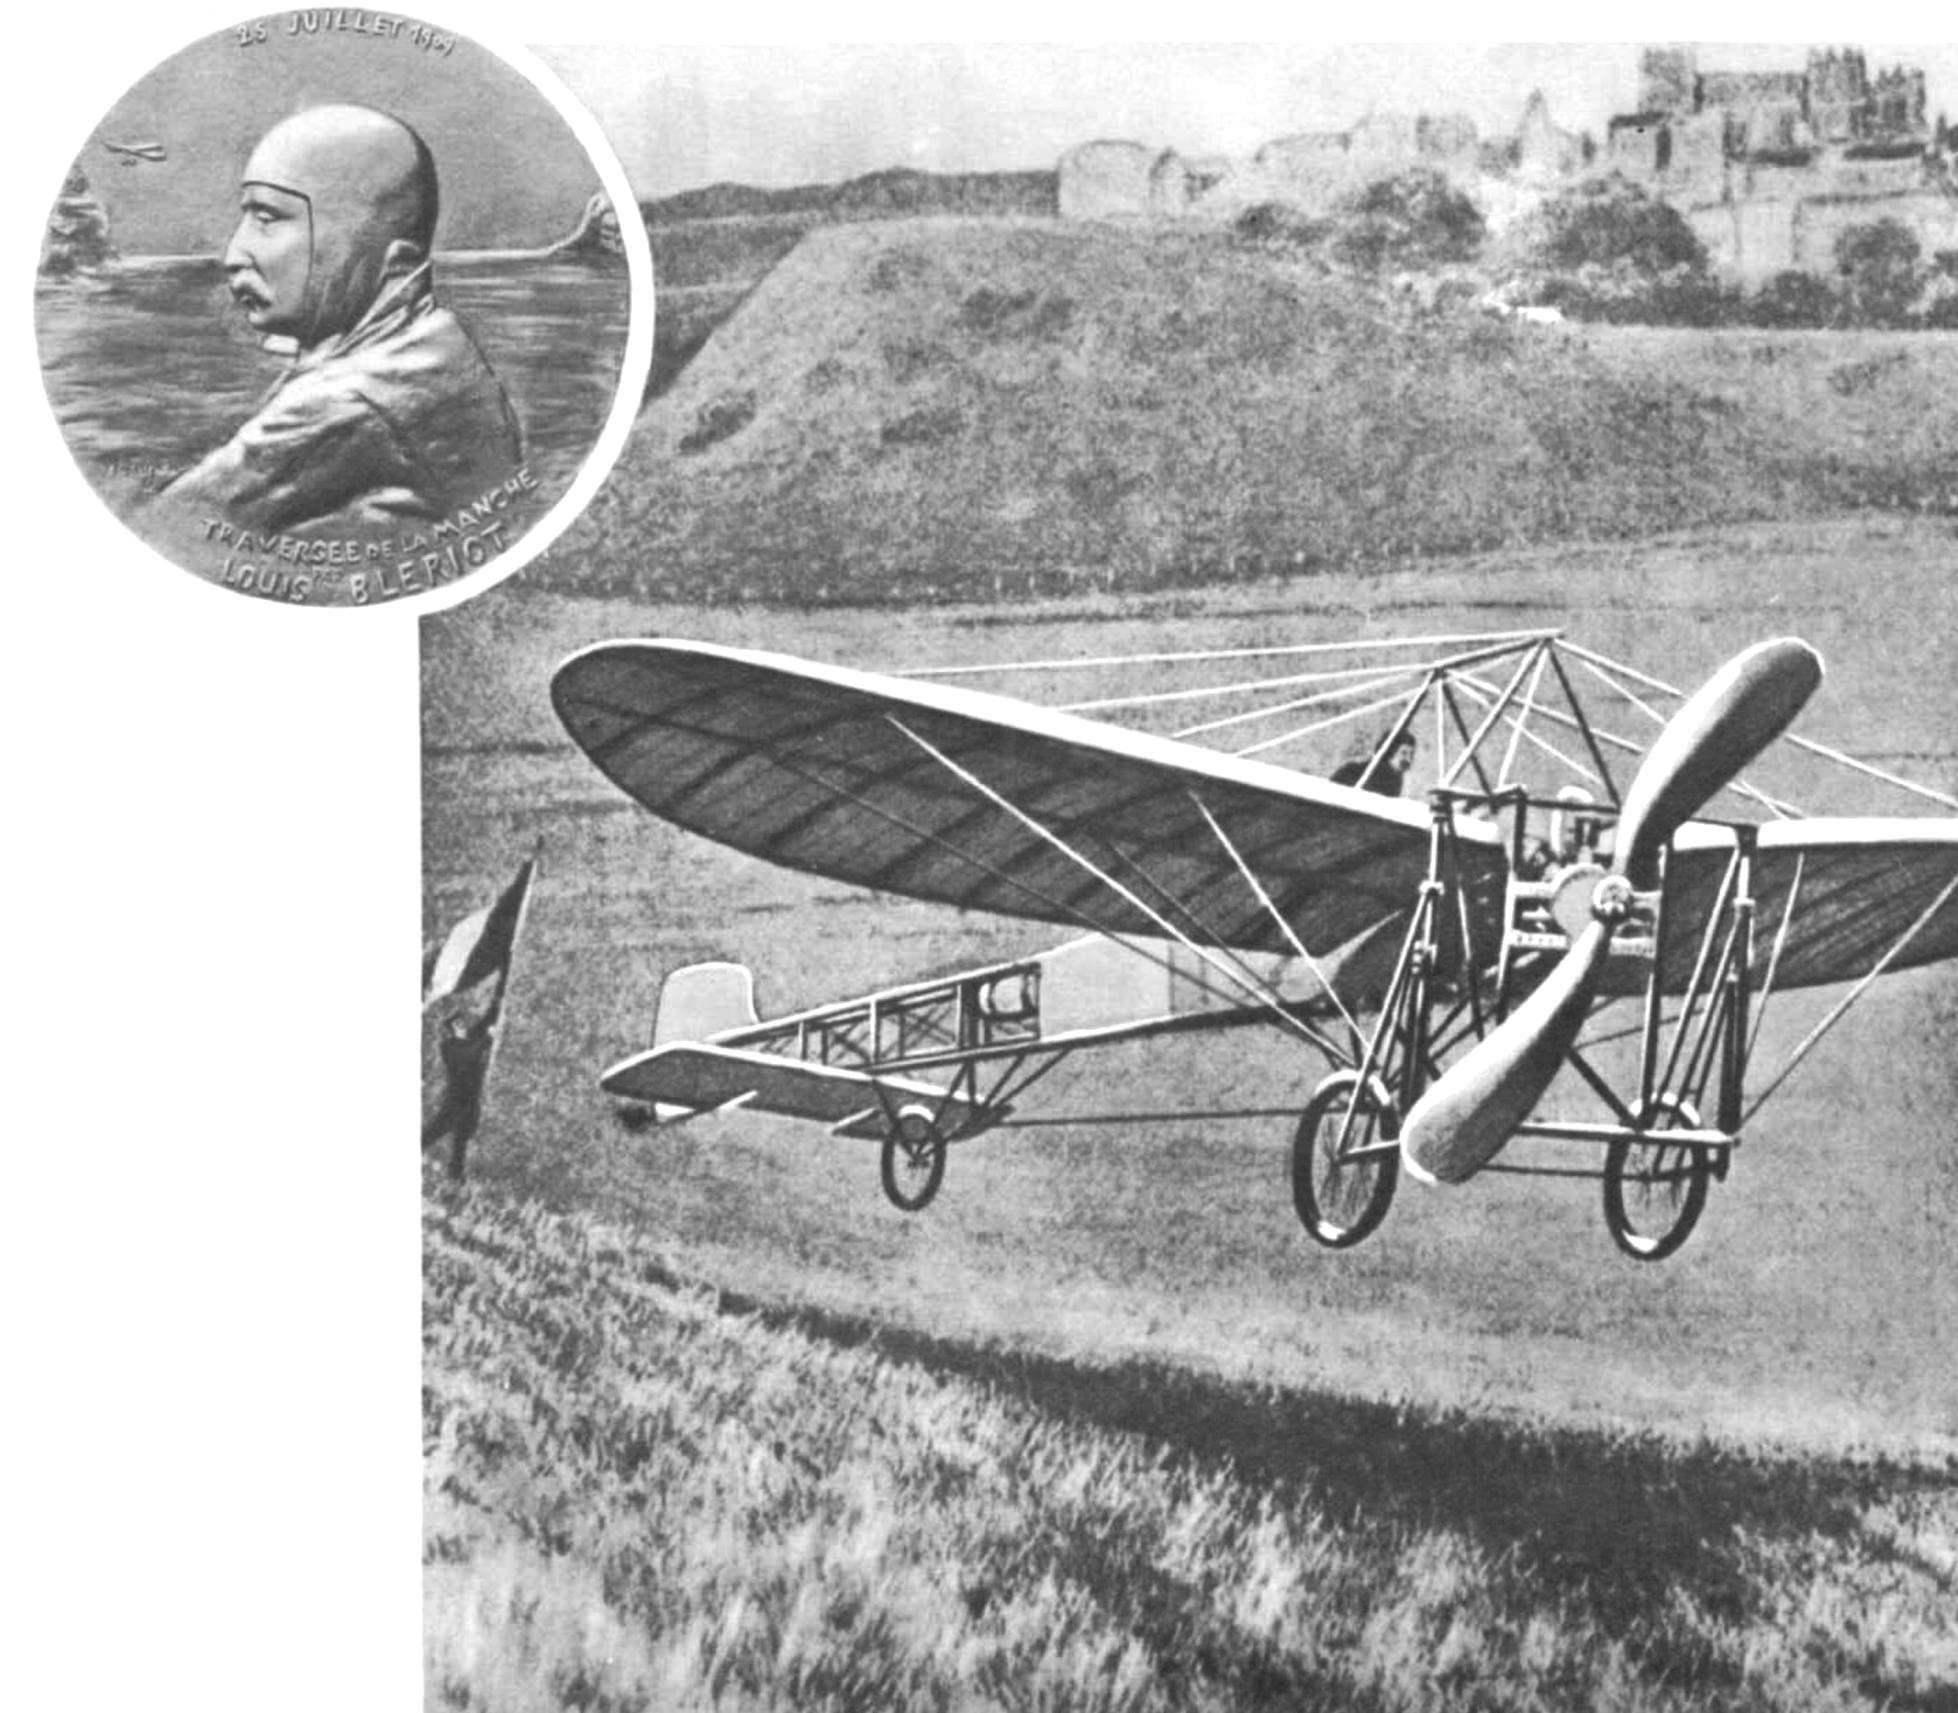 На репродукции с картины художника того времени запечатлены моменты полета перед посадкой в Дувре (Англия). Слева — медаль, выбитая в память знаменательного перелета.